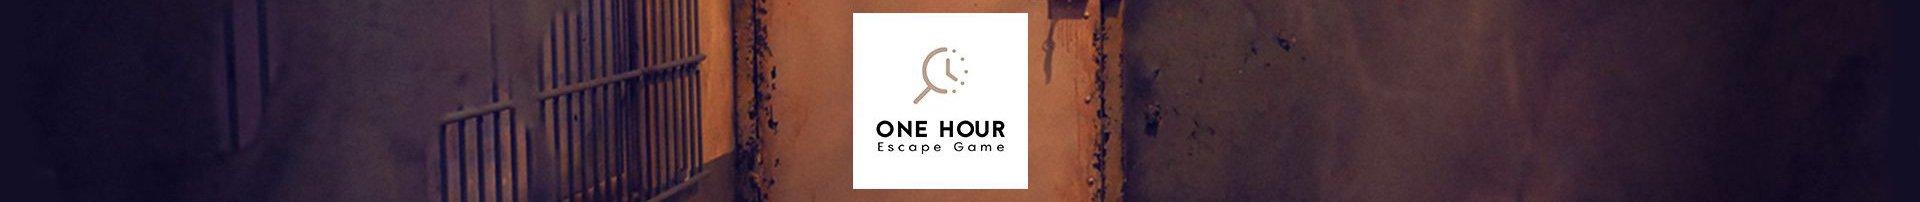 escape game l'abattoir one hour paris.jpg